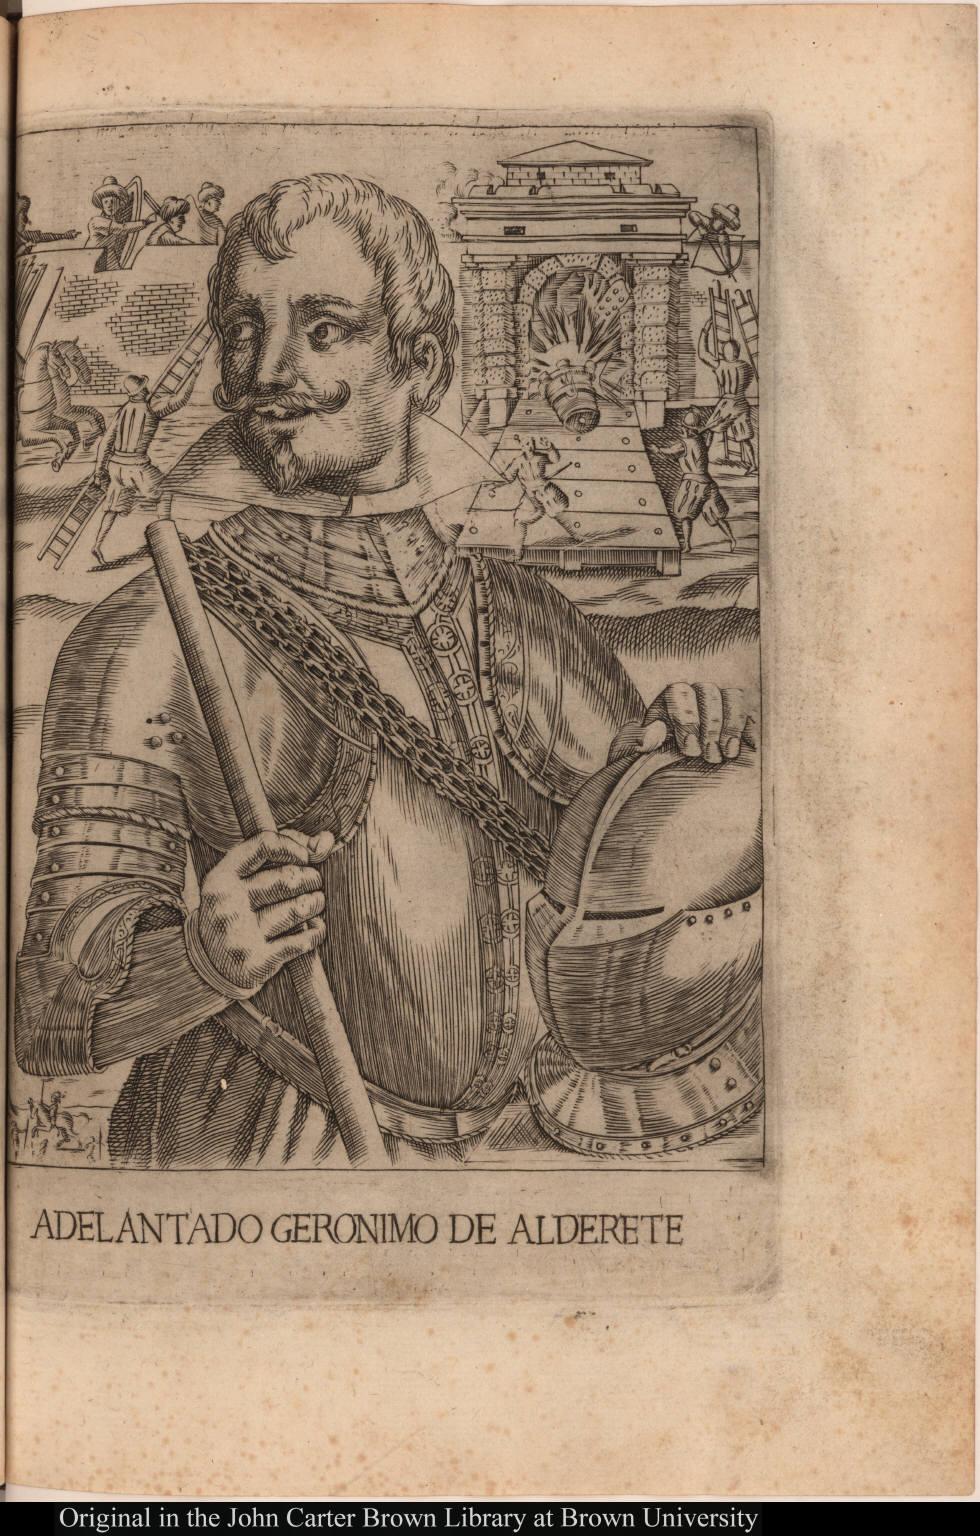 Adelantado Geronimo de Alderete